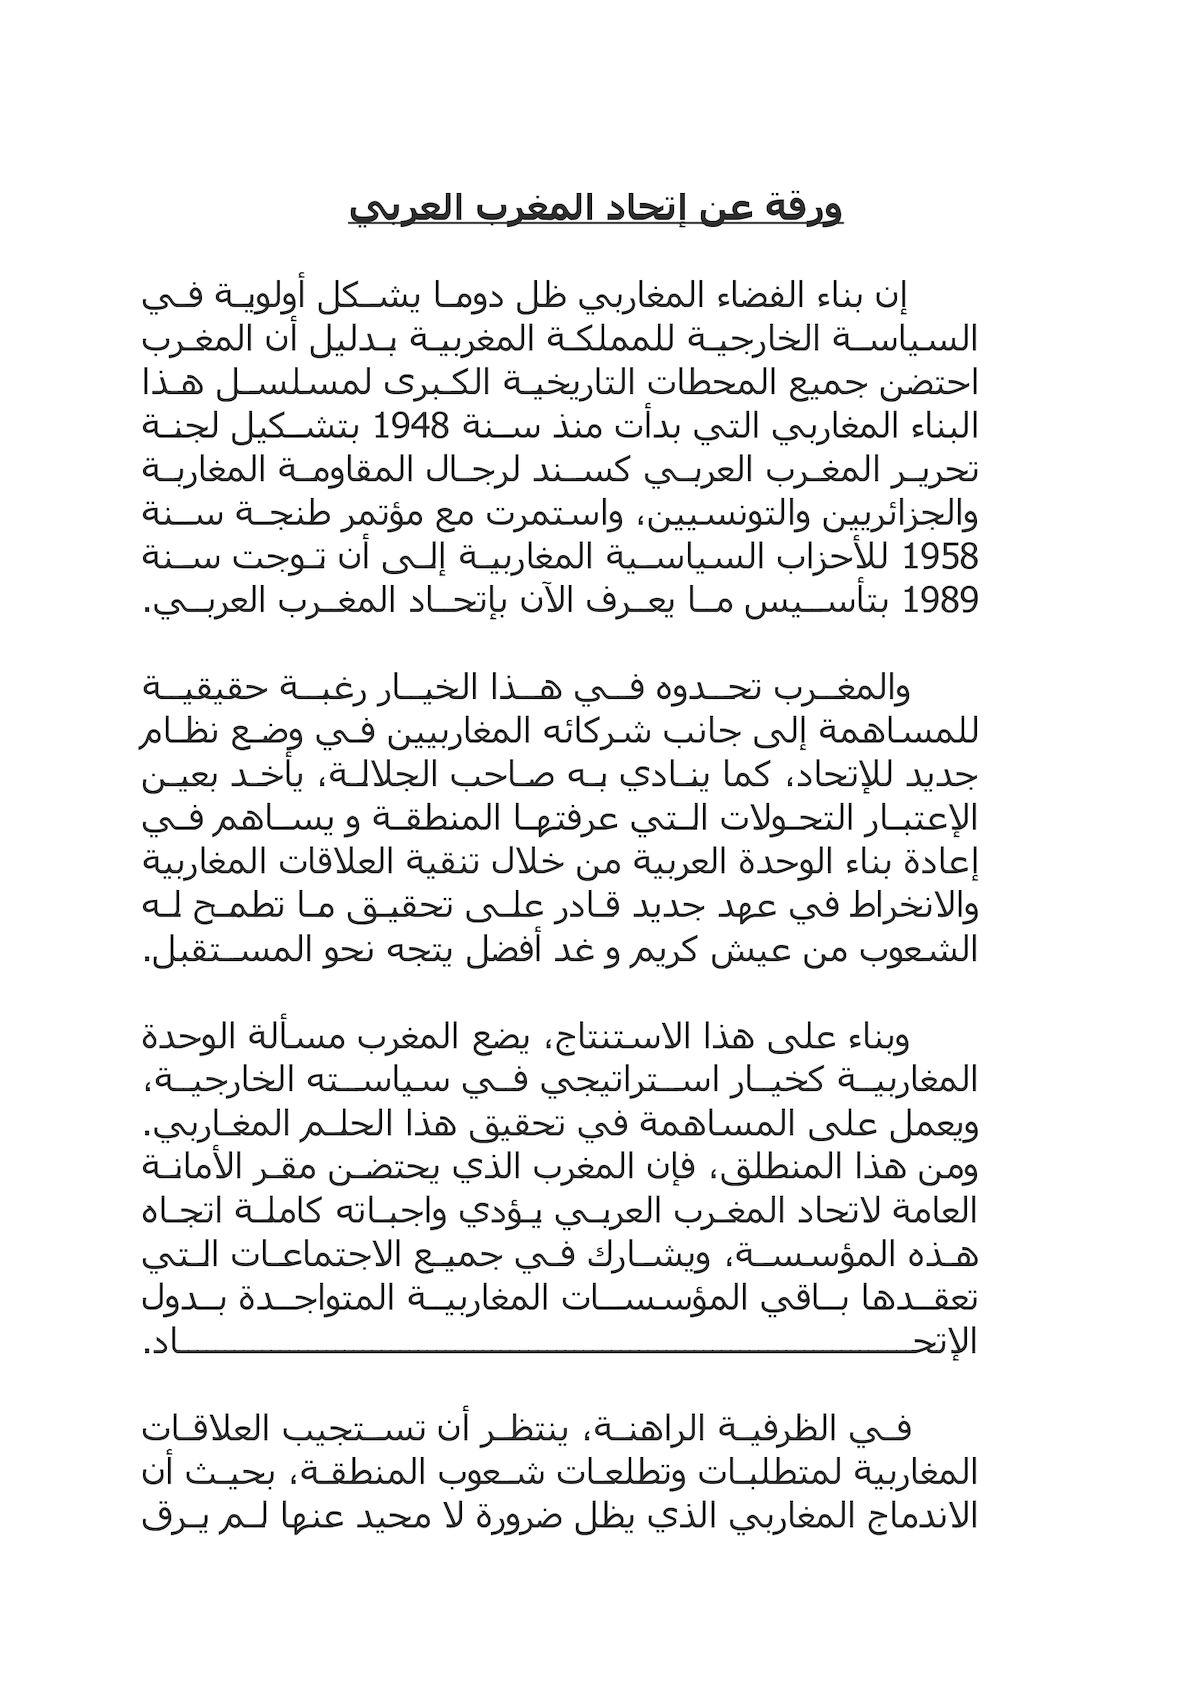 ورقة عن إتحاد المغرب العربي.